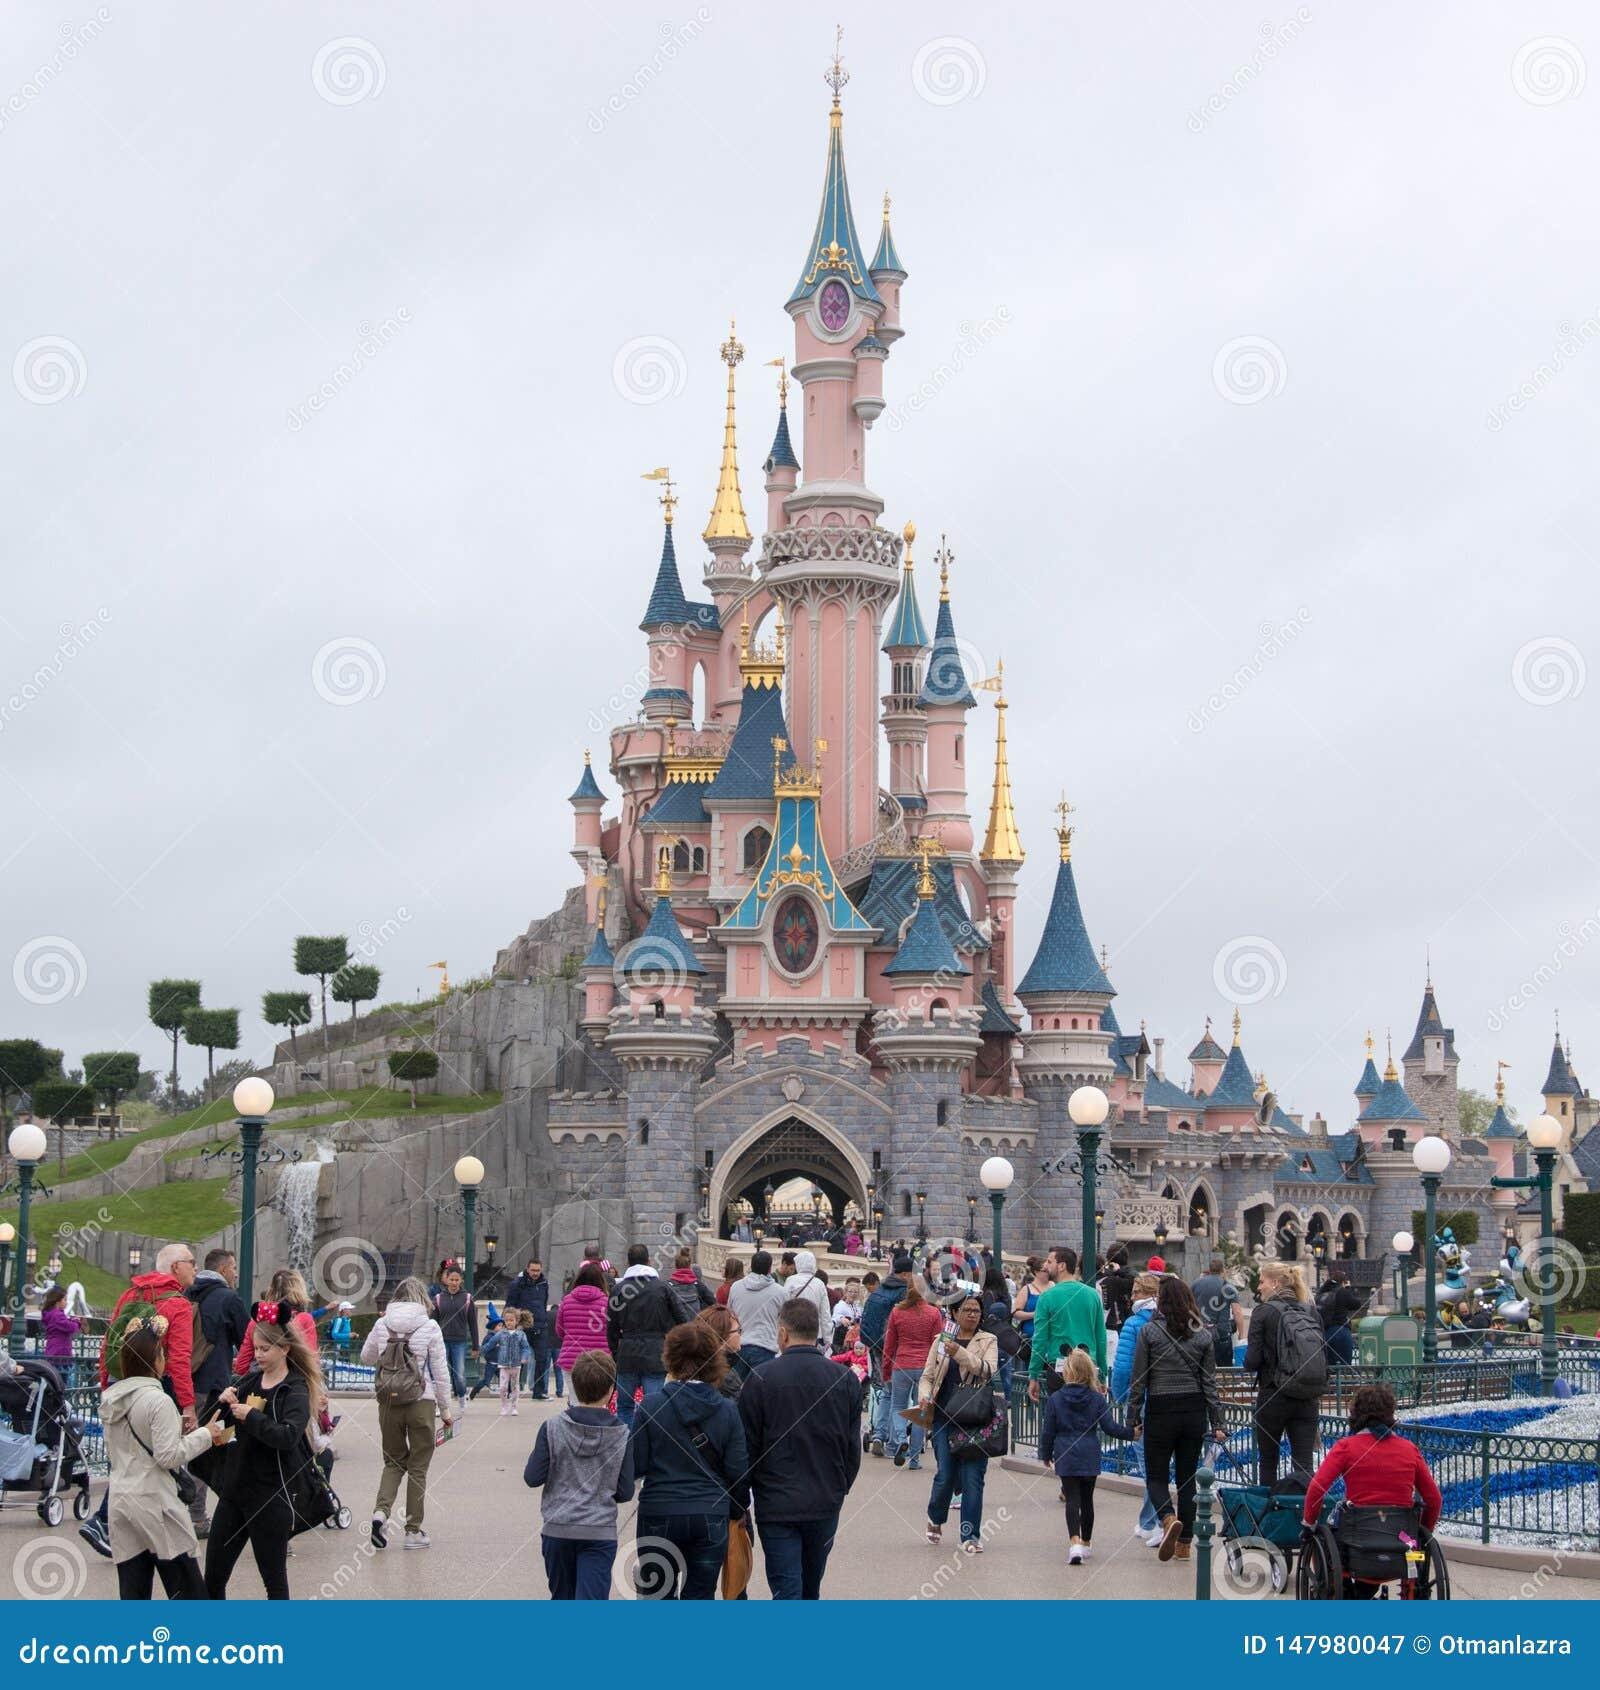 Disneyl?andia Paris 1? Anniversarry